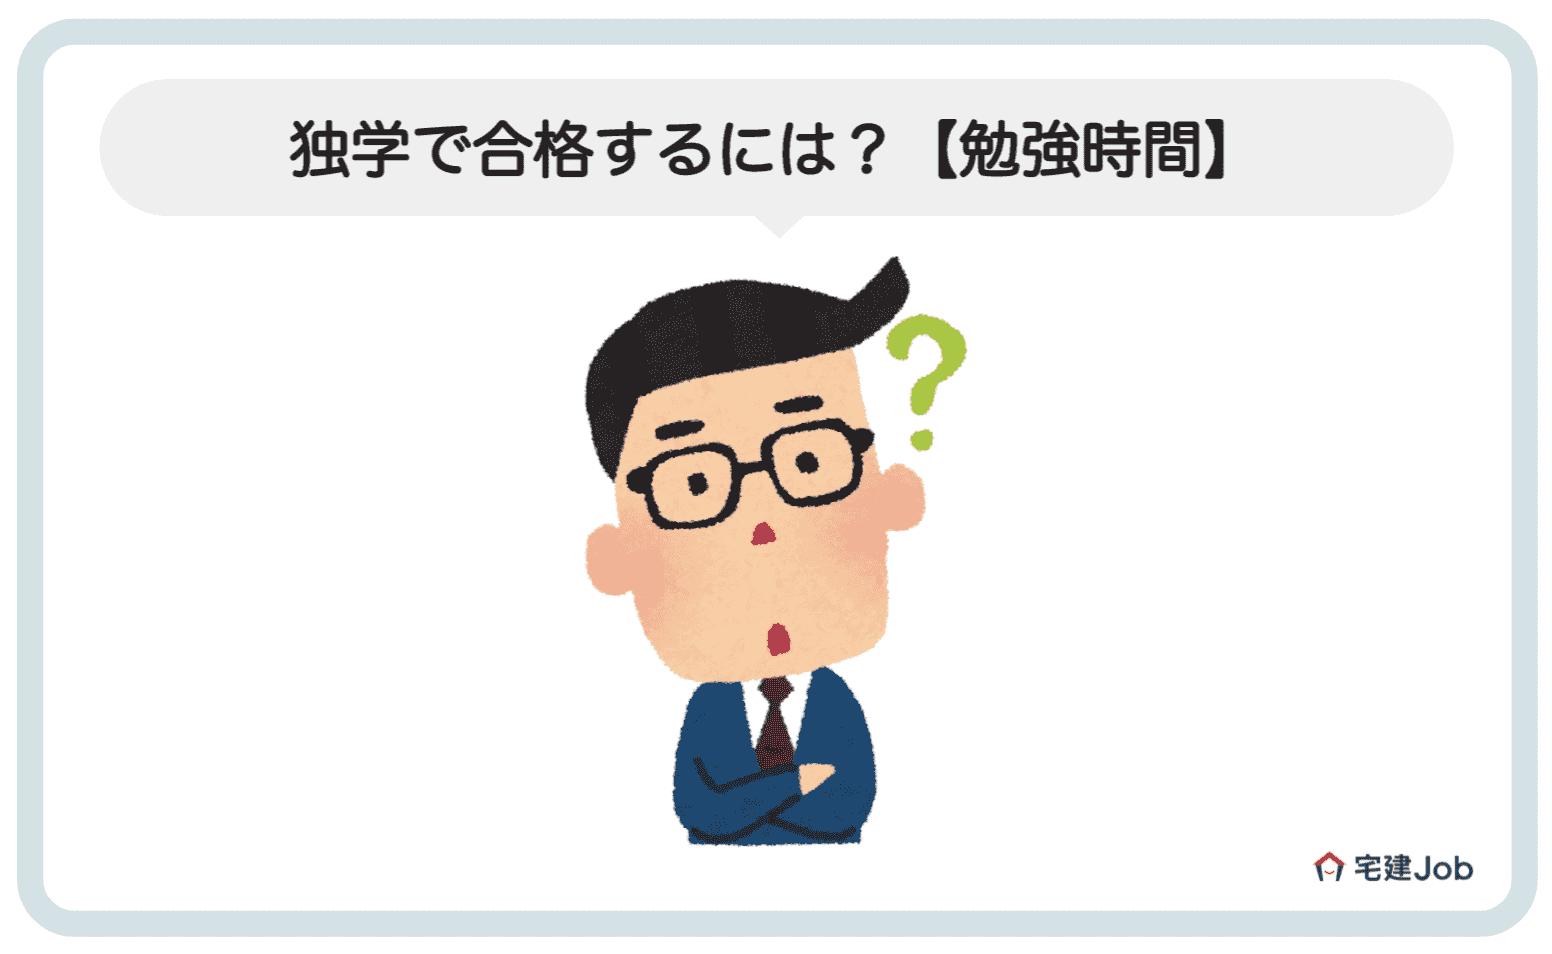 3.土地家屋調査士の独学で合格するには?【勉強時間】